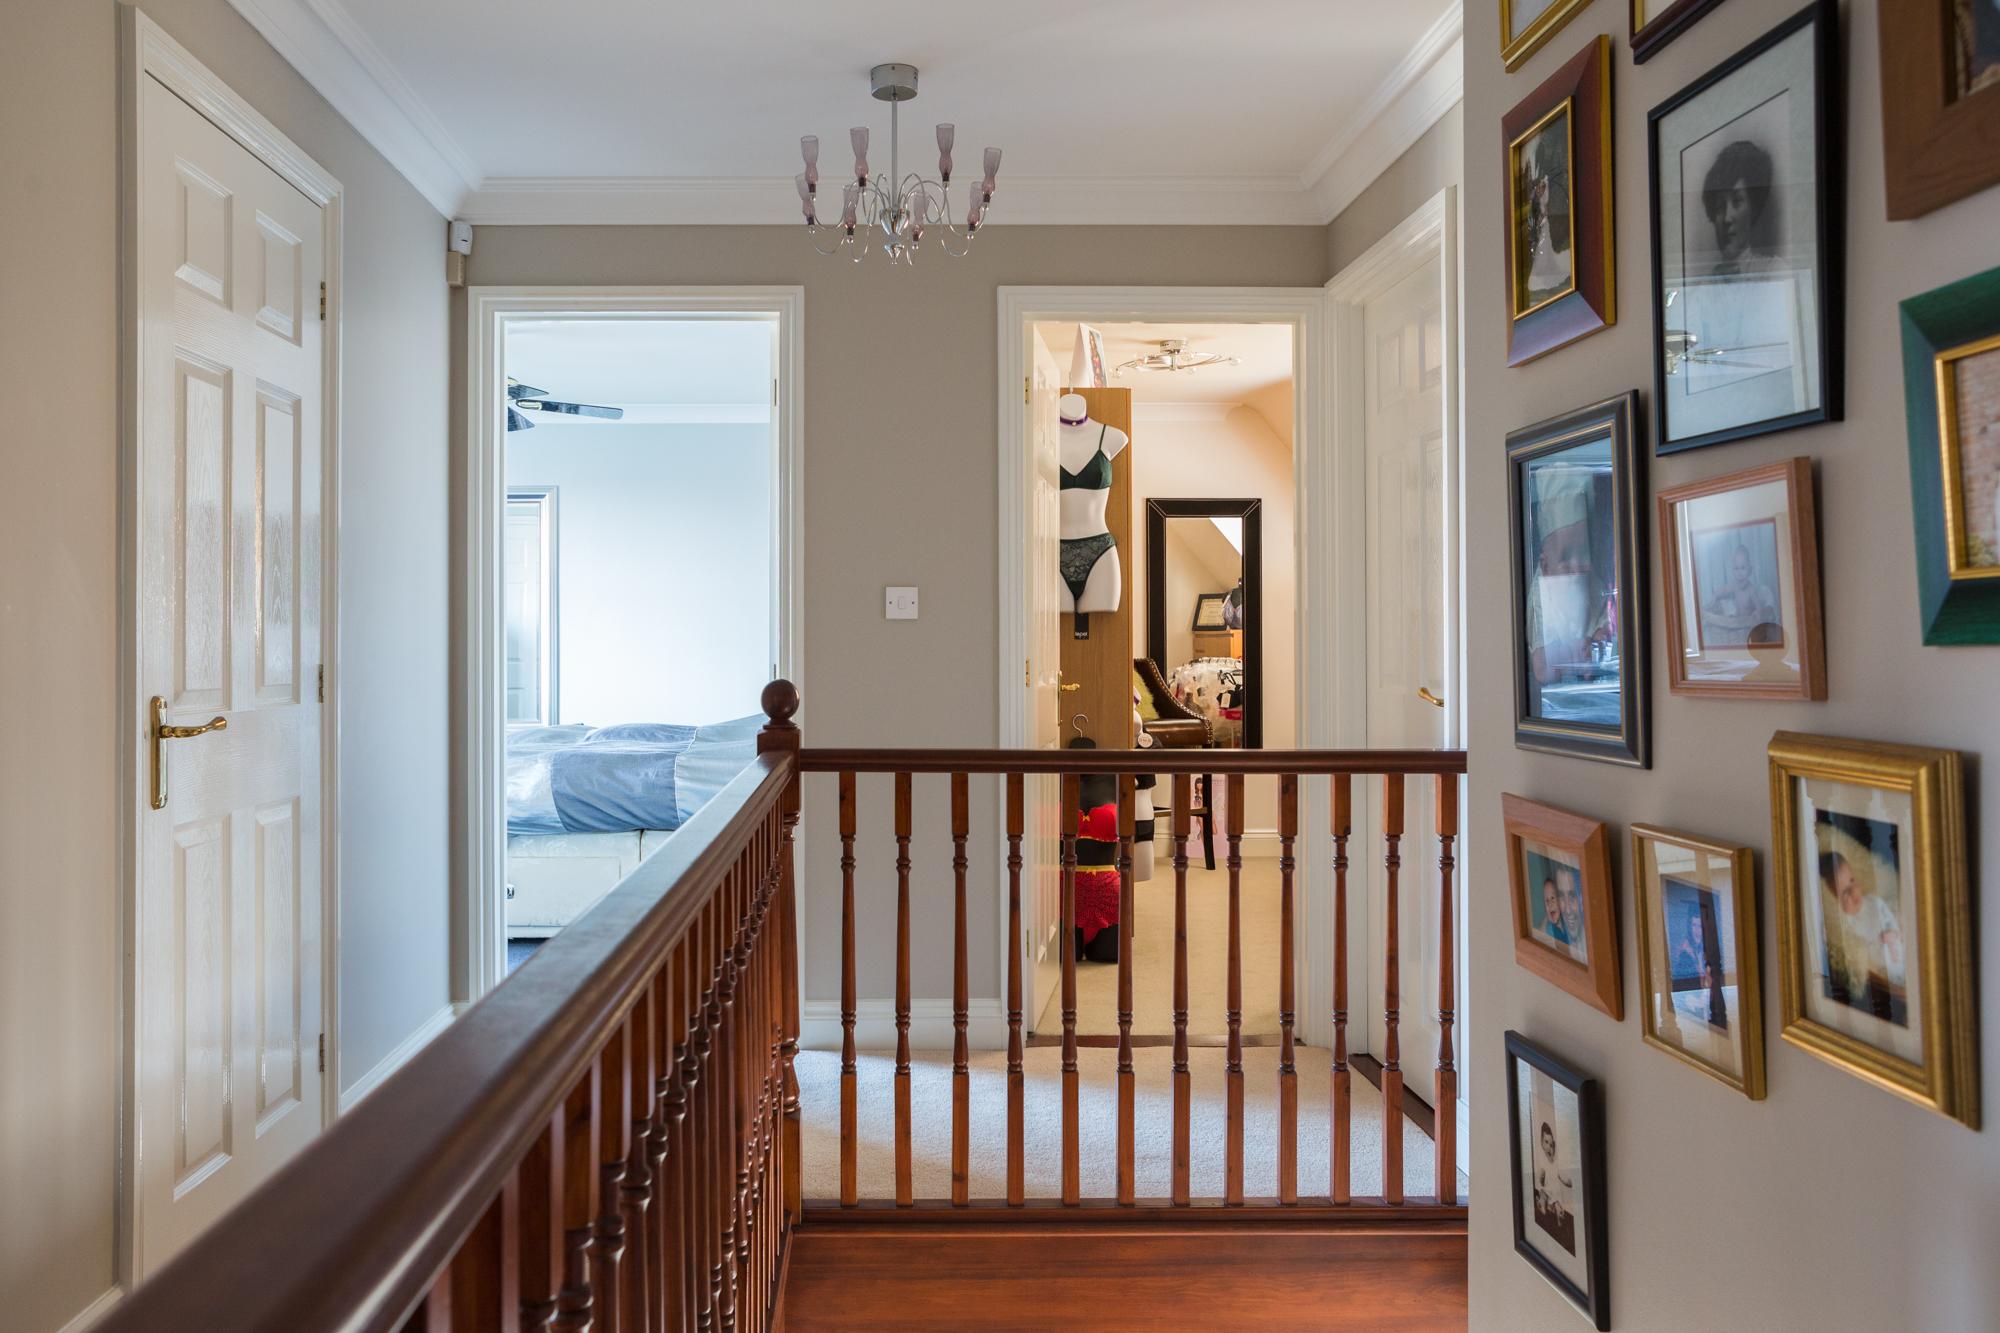 Jayne-Lloyd-Home-Work-Stairs-Room-Photos.jpg